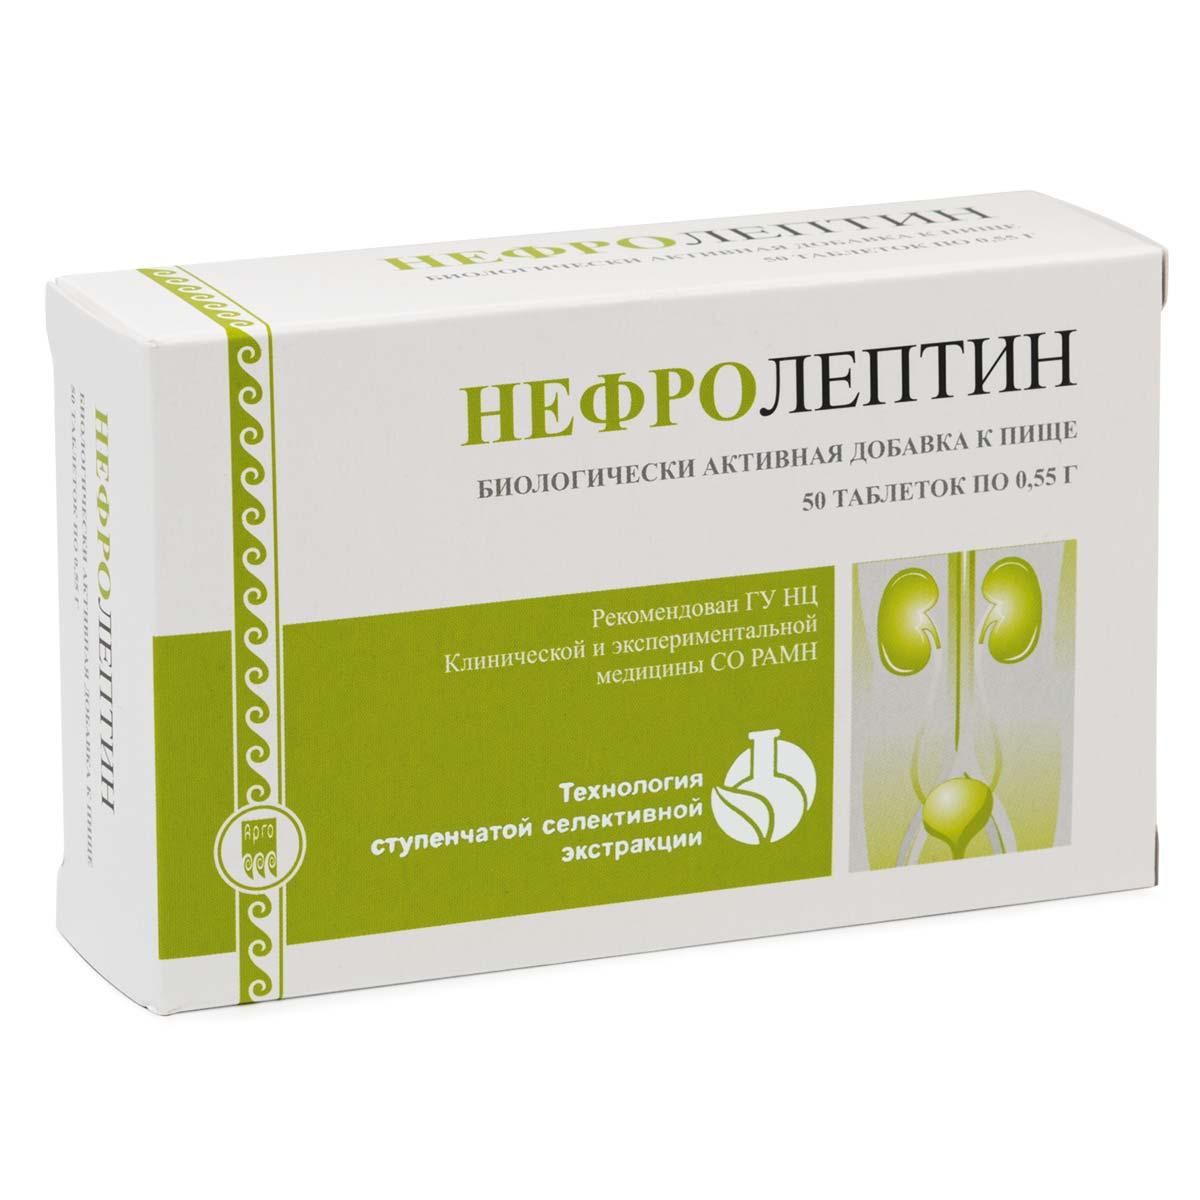 Нефролептин